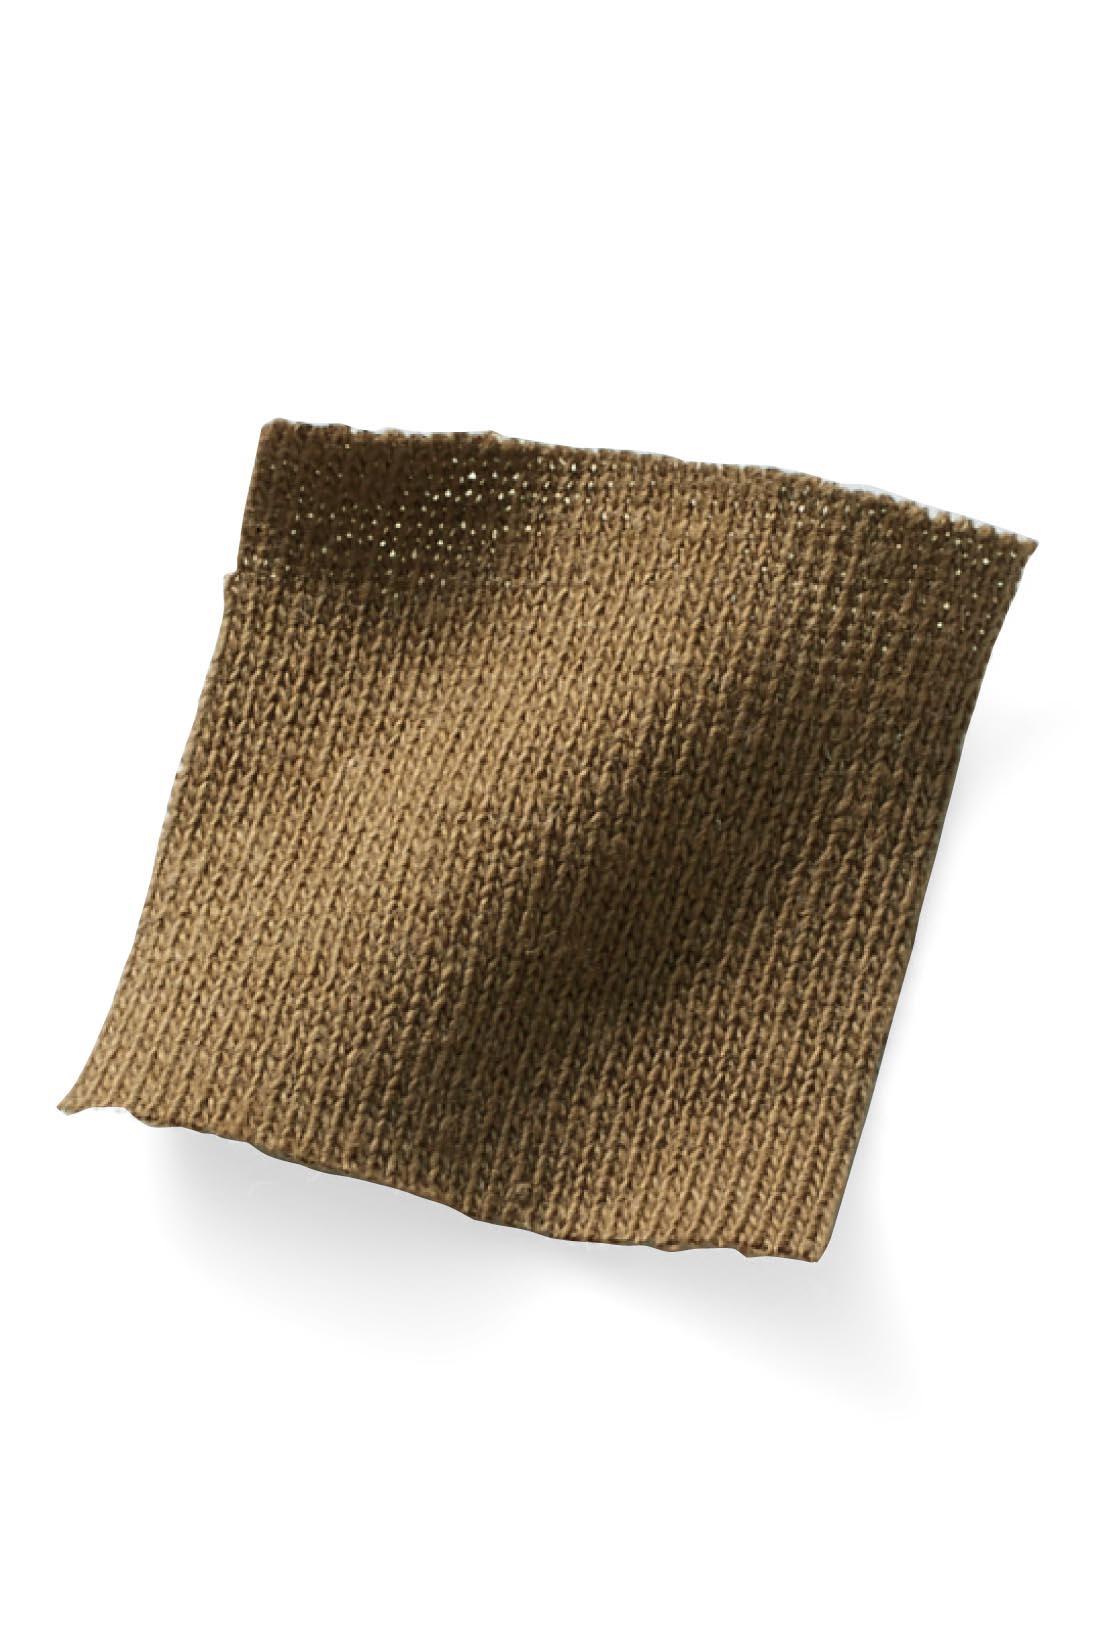 【コットンリネン】麻のさわやかさと綿のやわらかさを絶妙ミックス。毎日着たくなる肌ざわりに。 ※お届けするカラーとは異なります。